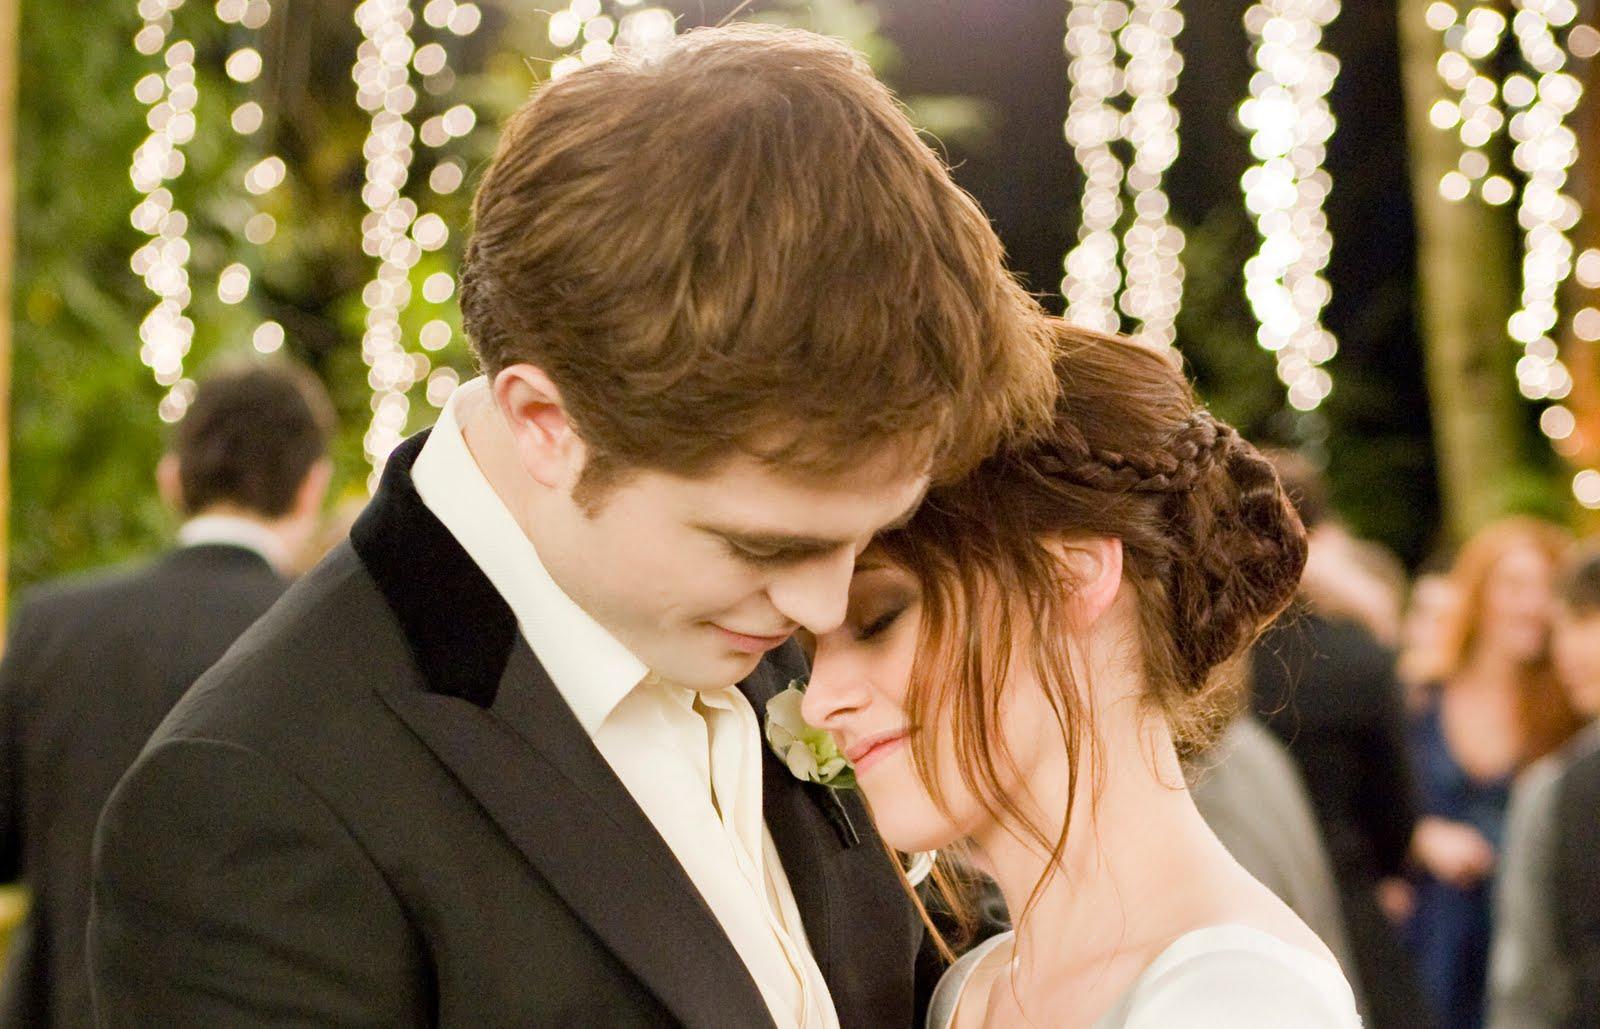 http://1.bp.blogspot.com/-C07dYVsBb_w/T_SLYKUc1XI/AAAAAAAALCI/aoTLpoI6bBo/s1600/kristen-robert-matrimonio.jpg